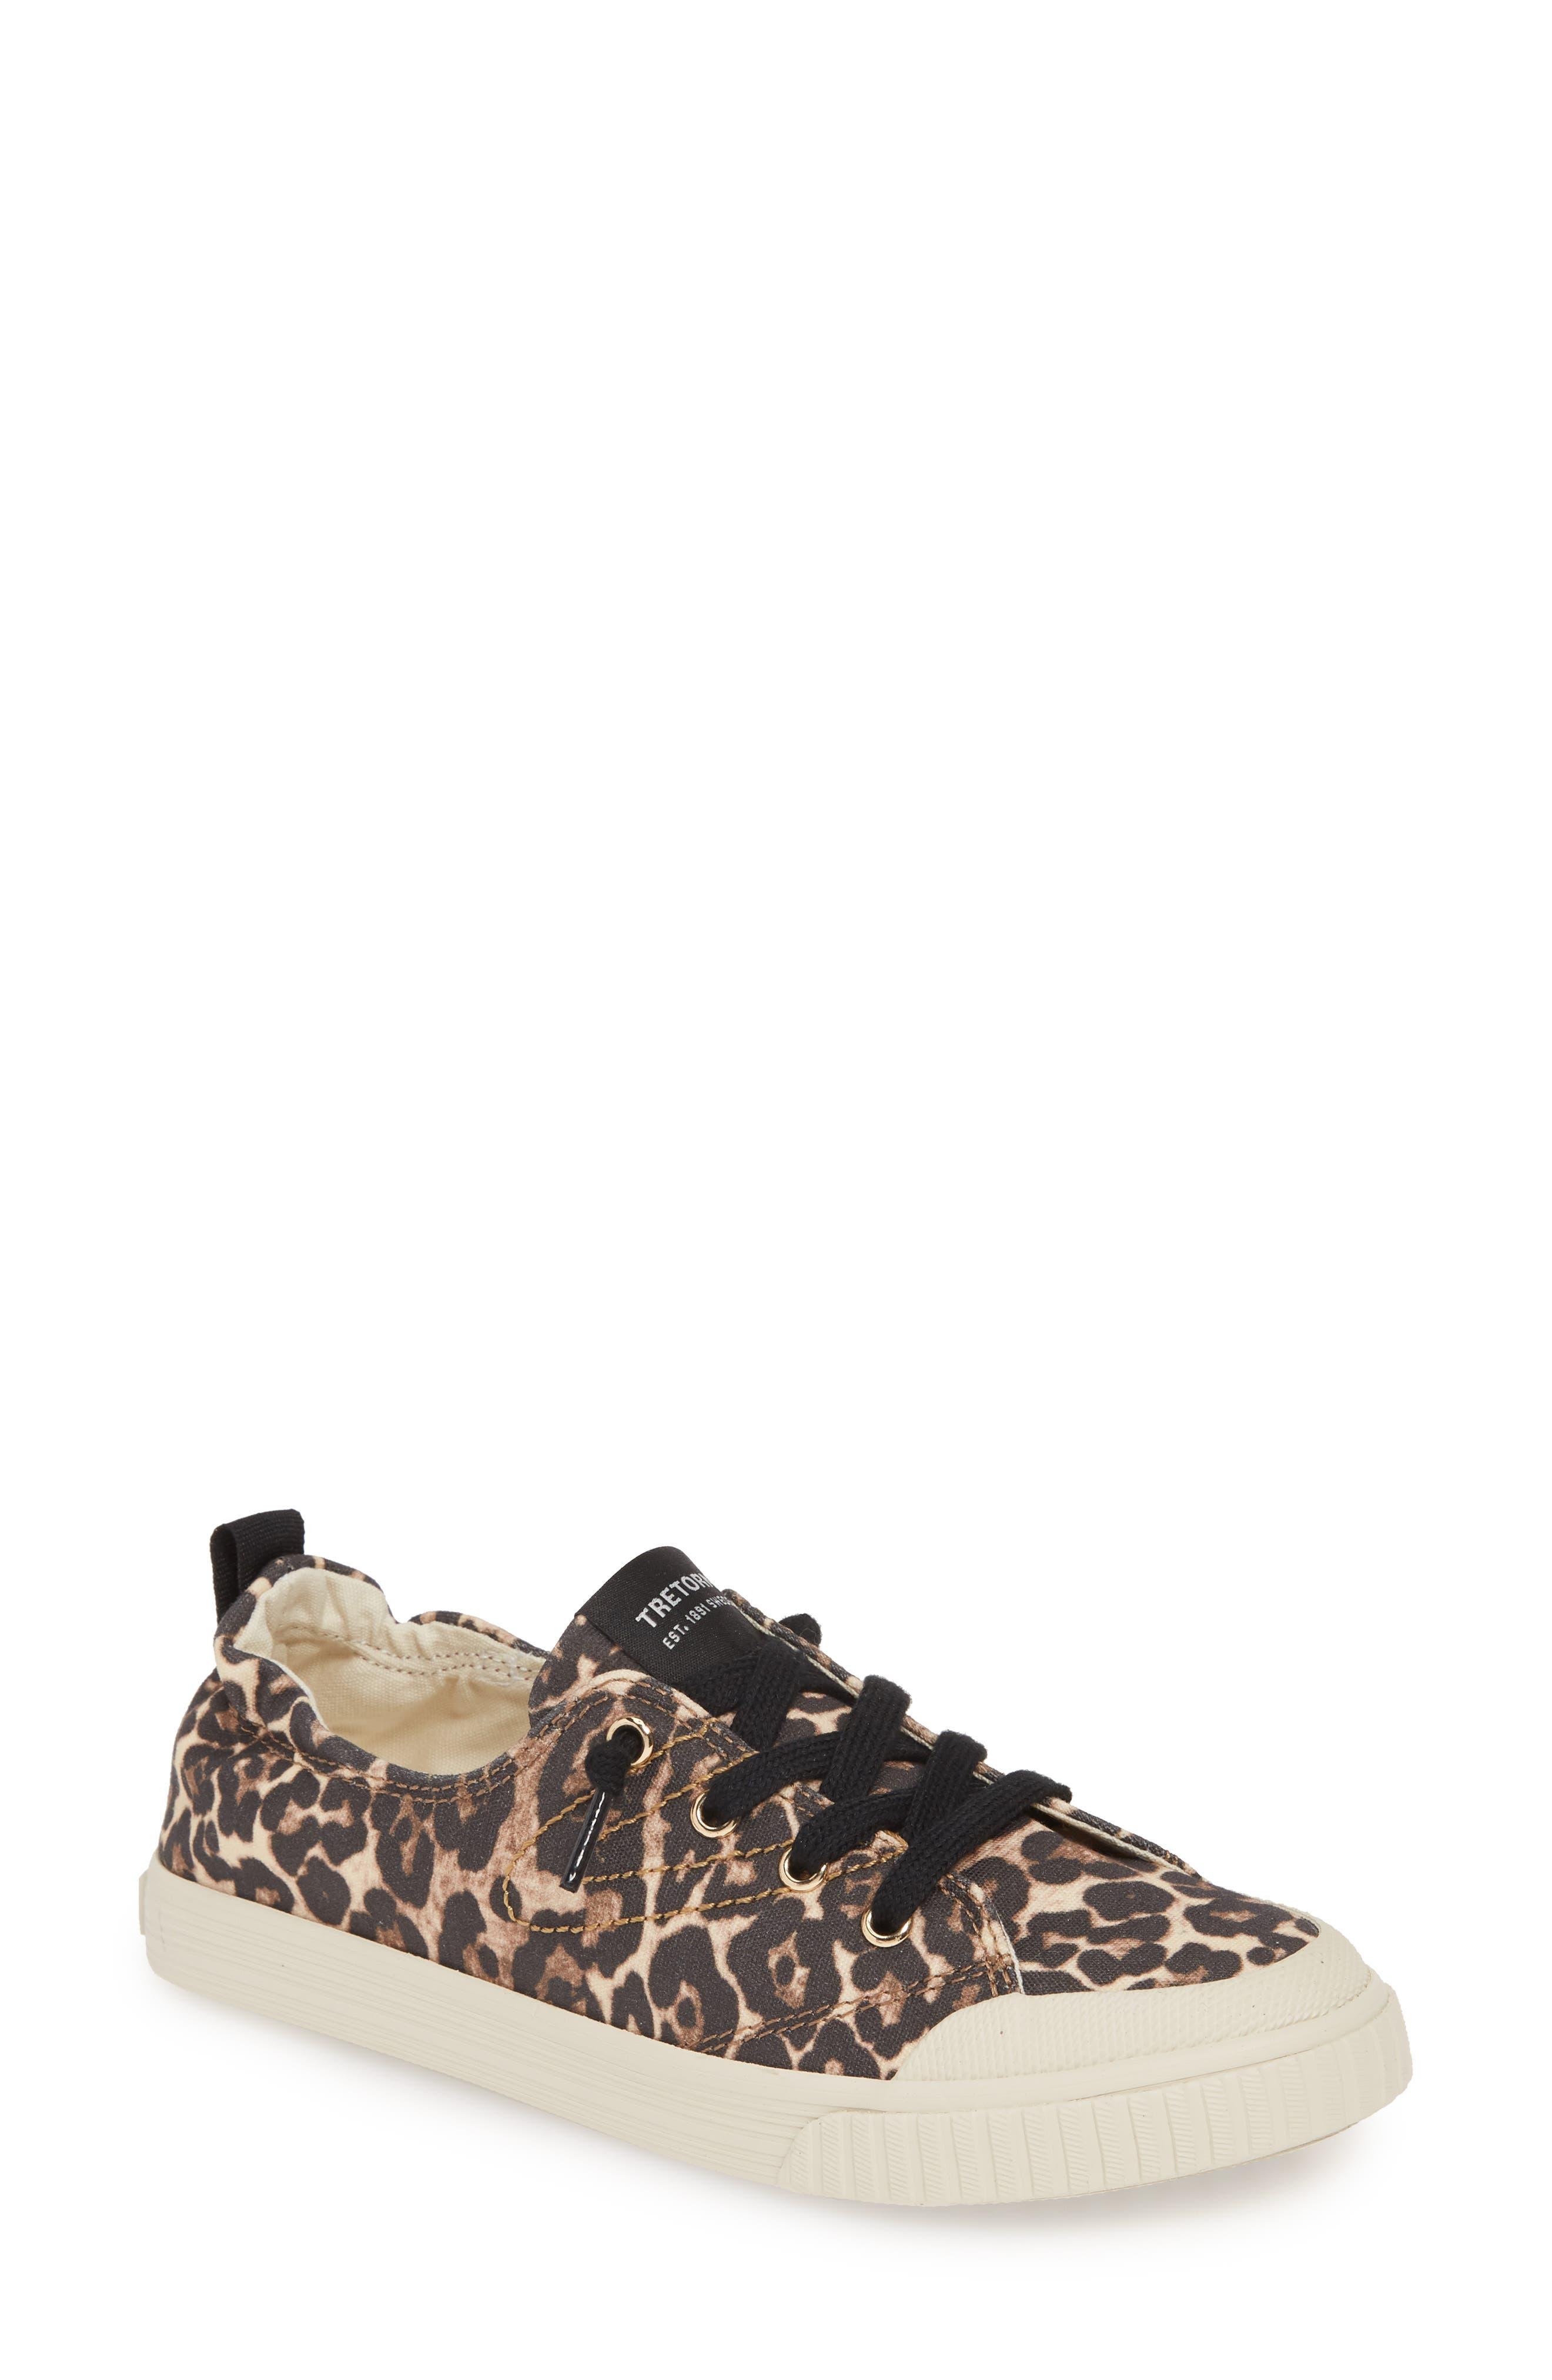 Image of Tretorn Meg Slip-On Sneaker